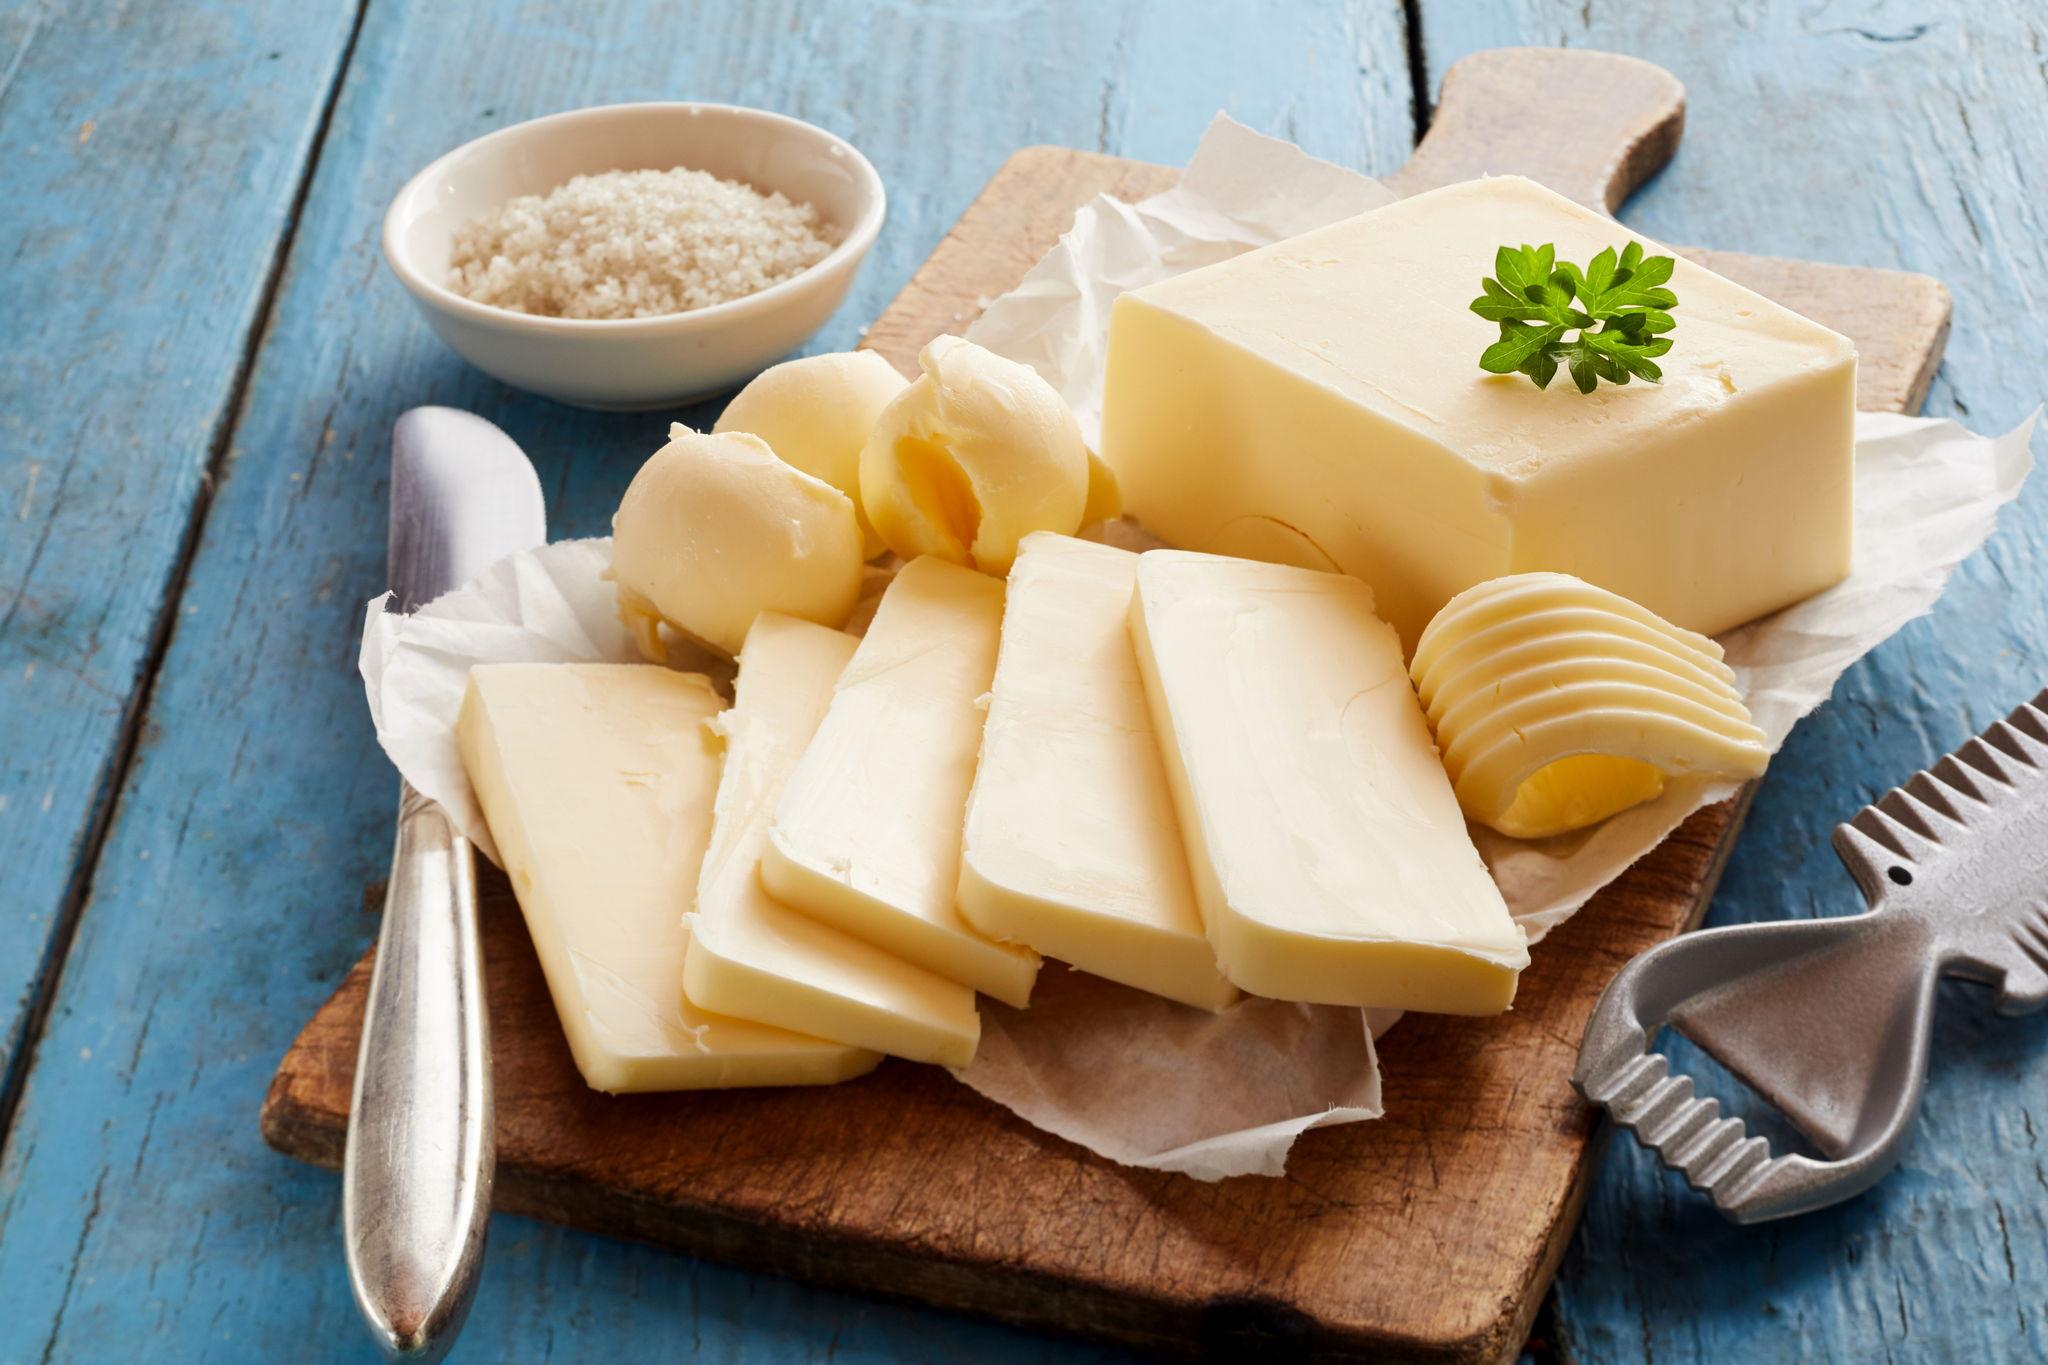 Масло: обзор продукта в цифрах и фактах